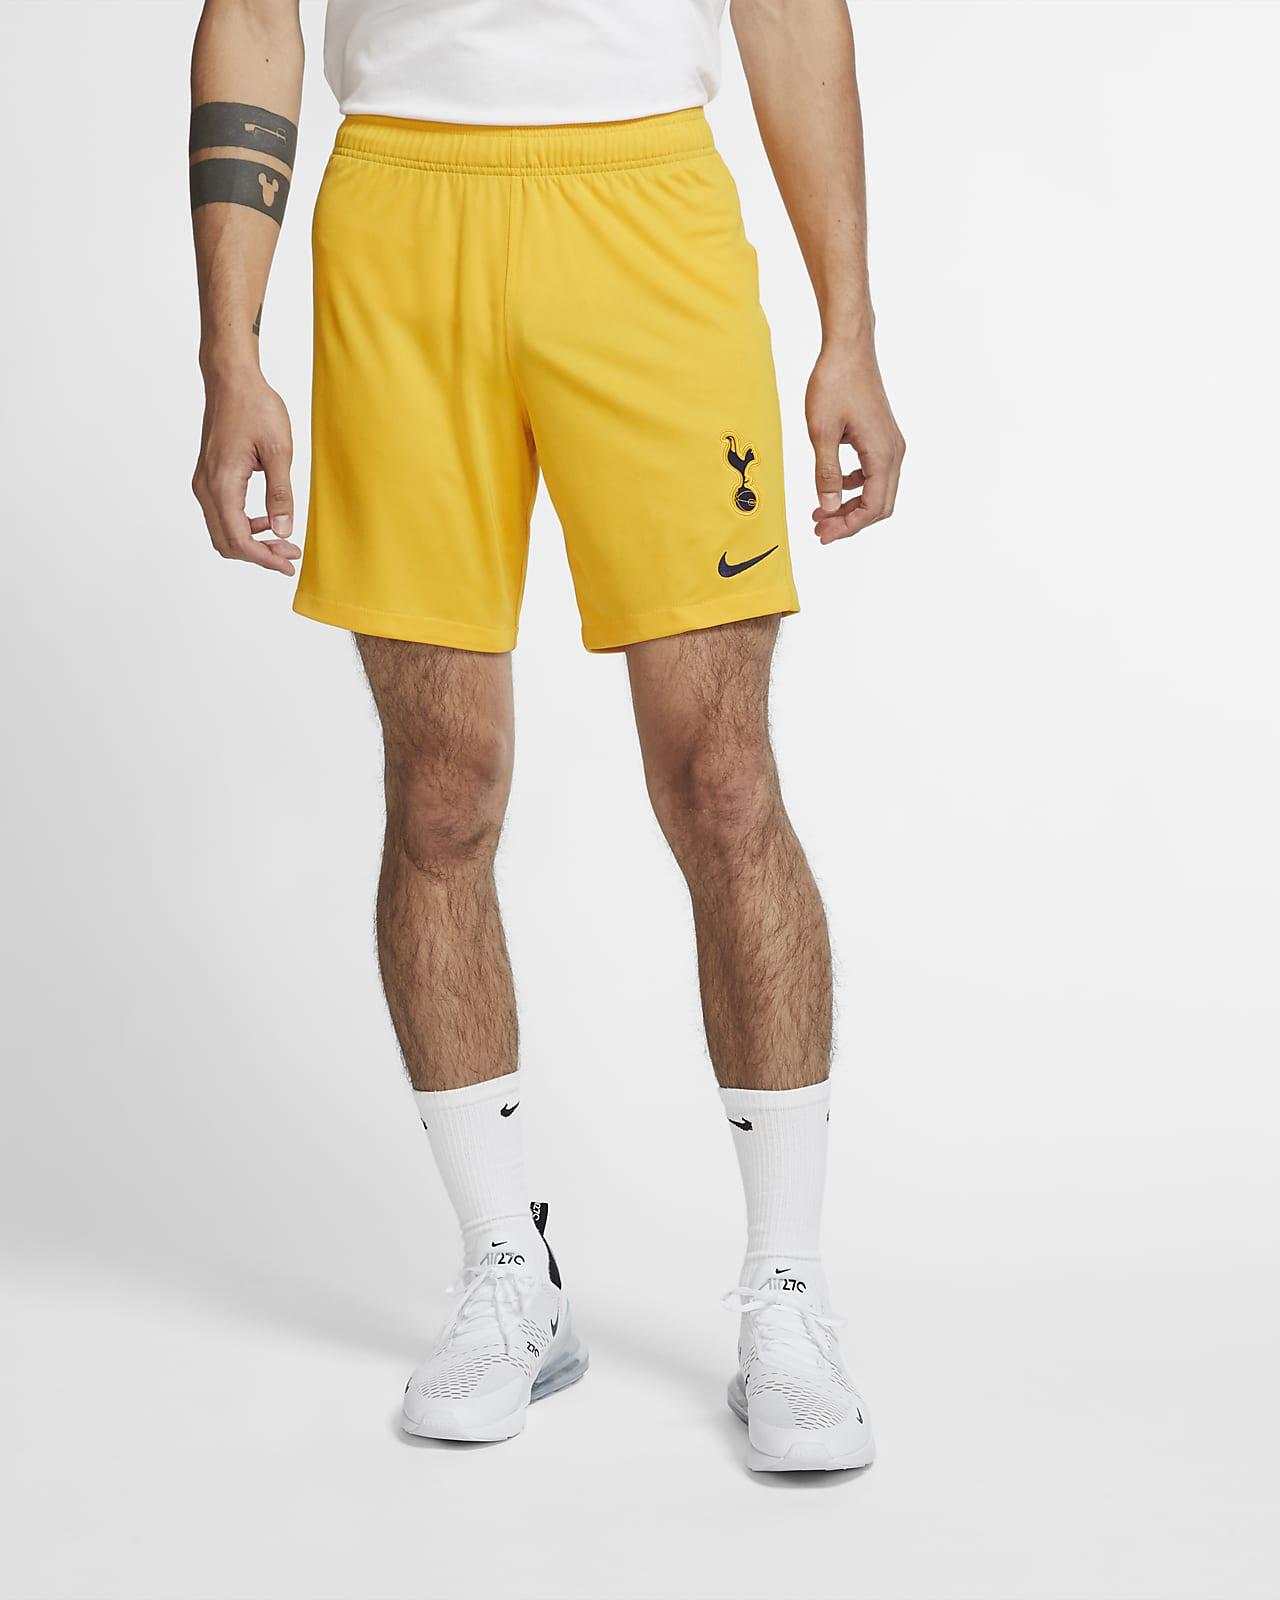 Tottenham Hotspur 2020/21 Stadium Third Men's Football Shorts